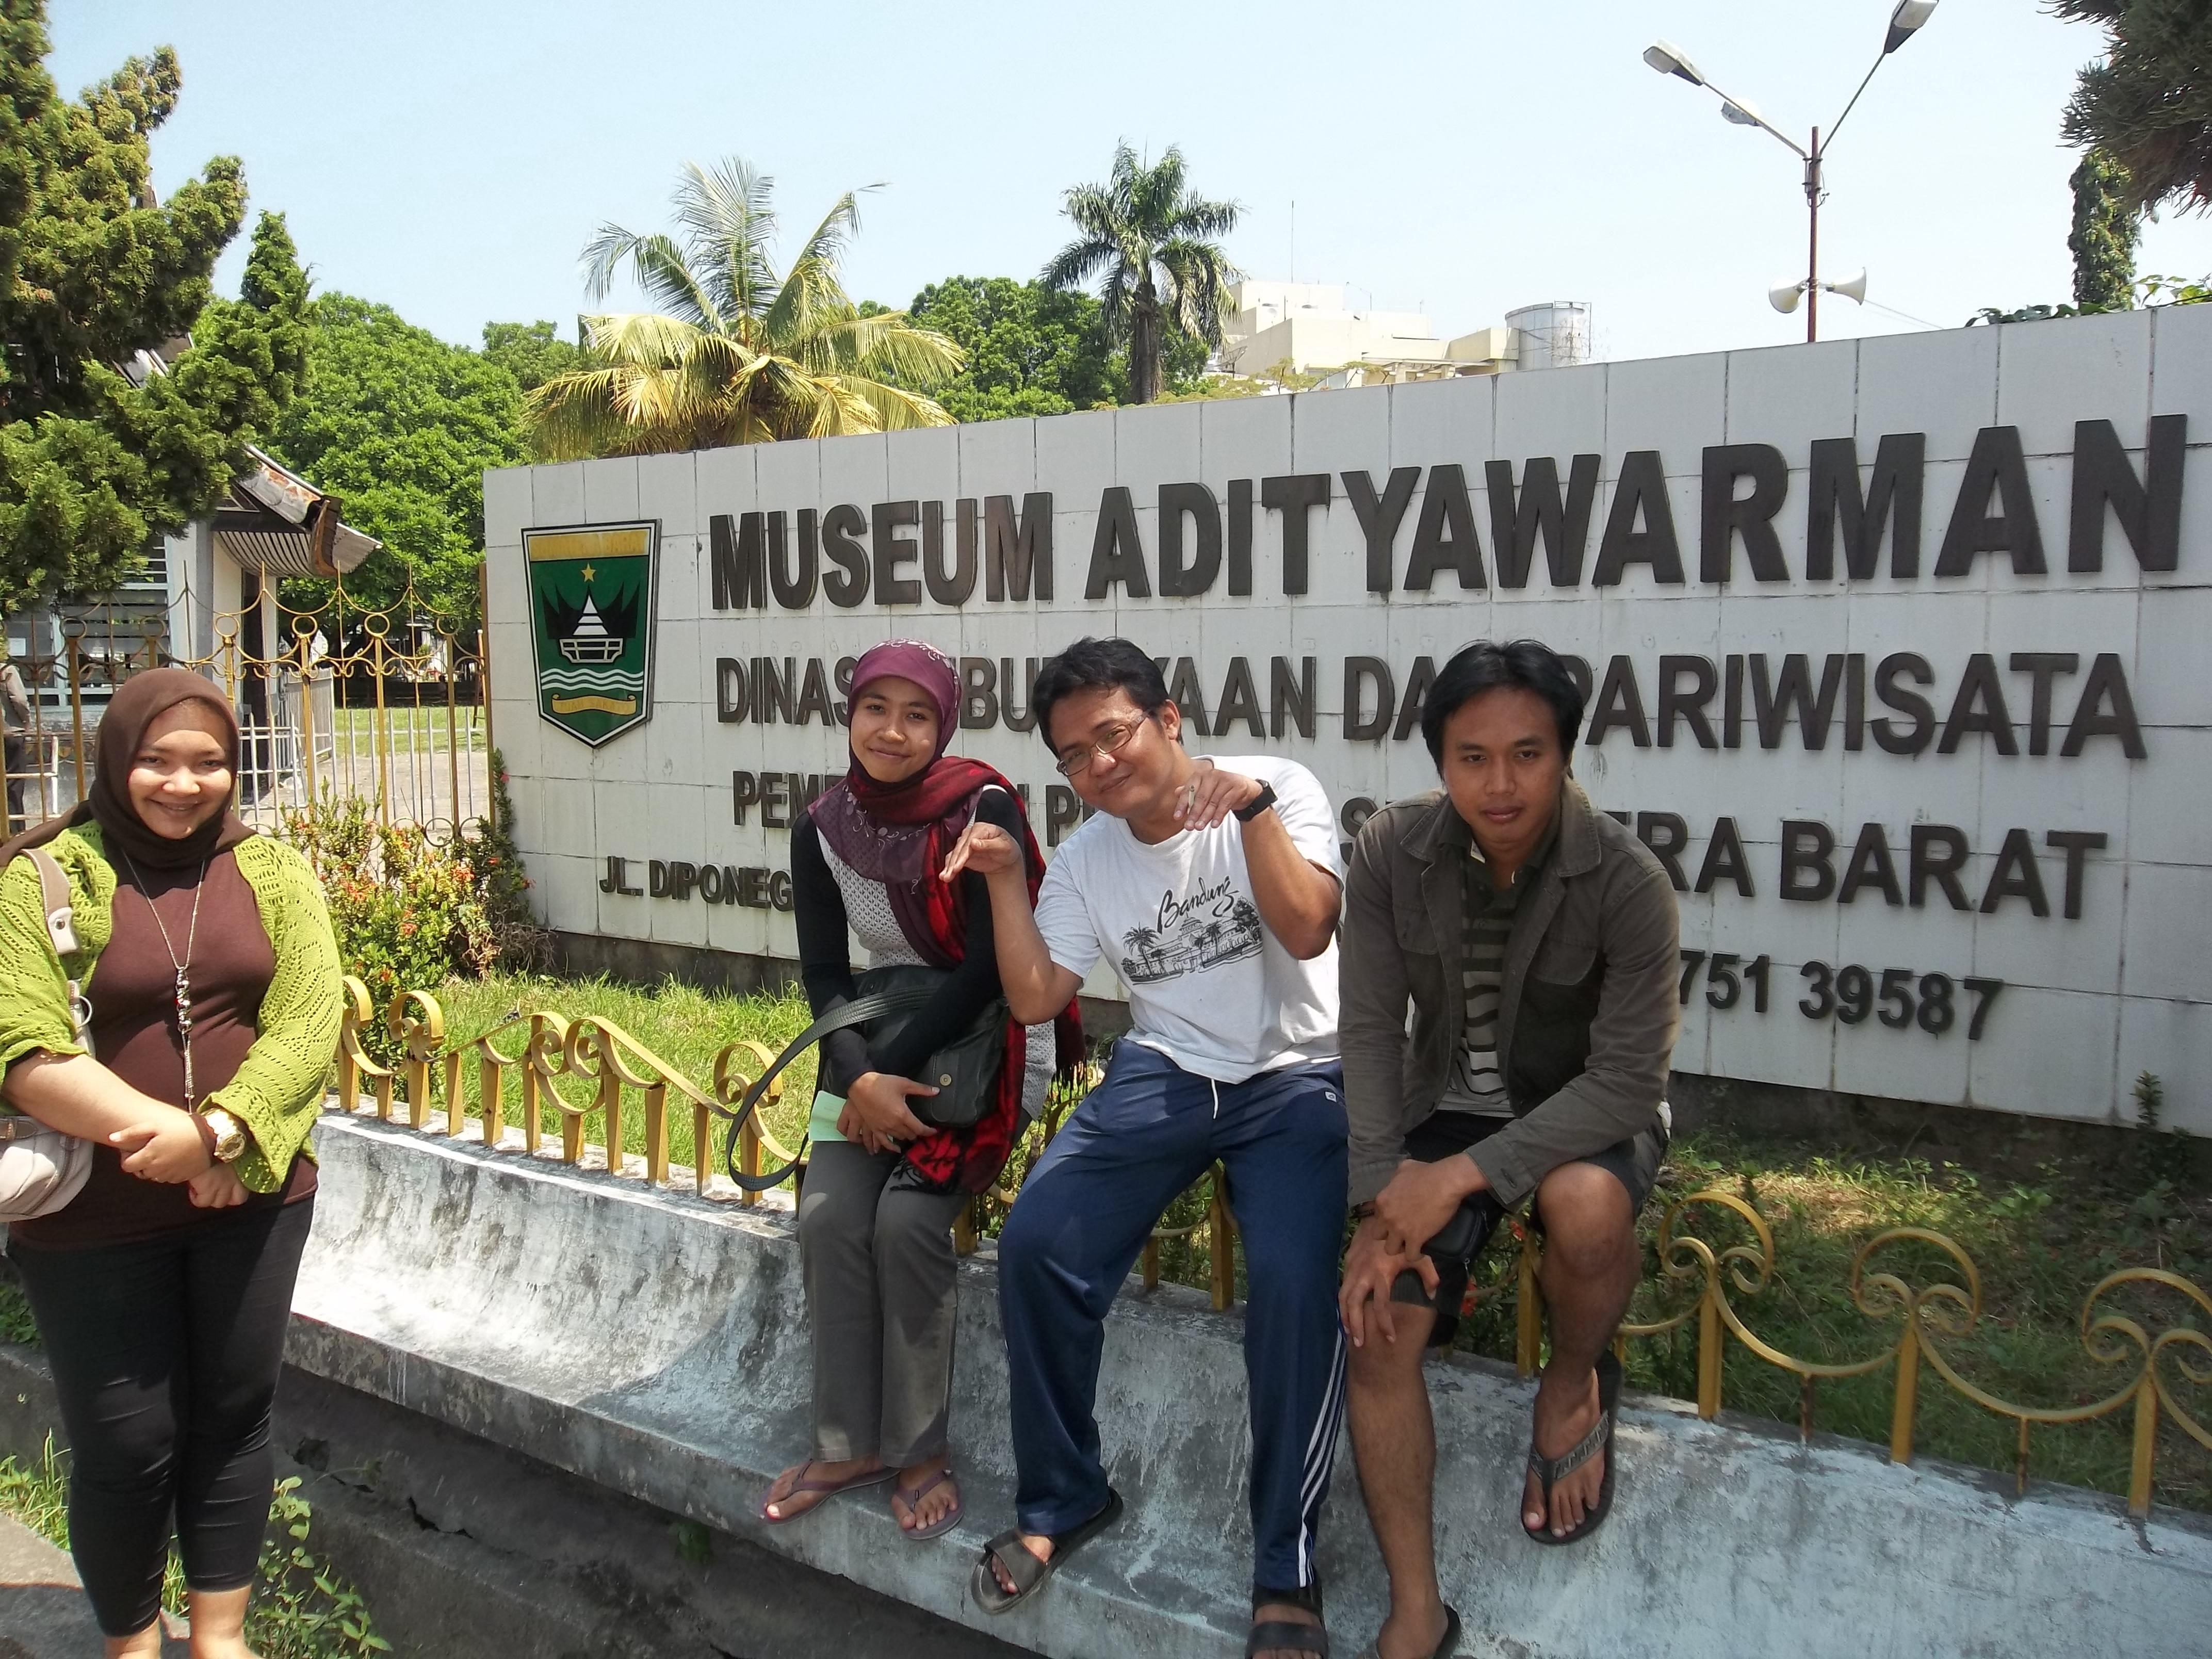 Ekspedisi Sumatera Sumbar Benda Budaya Museum Adityawarman Bentuk Bangunan Berbentuk